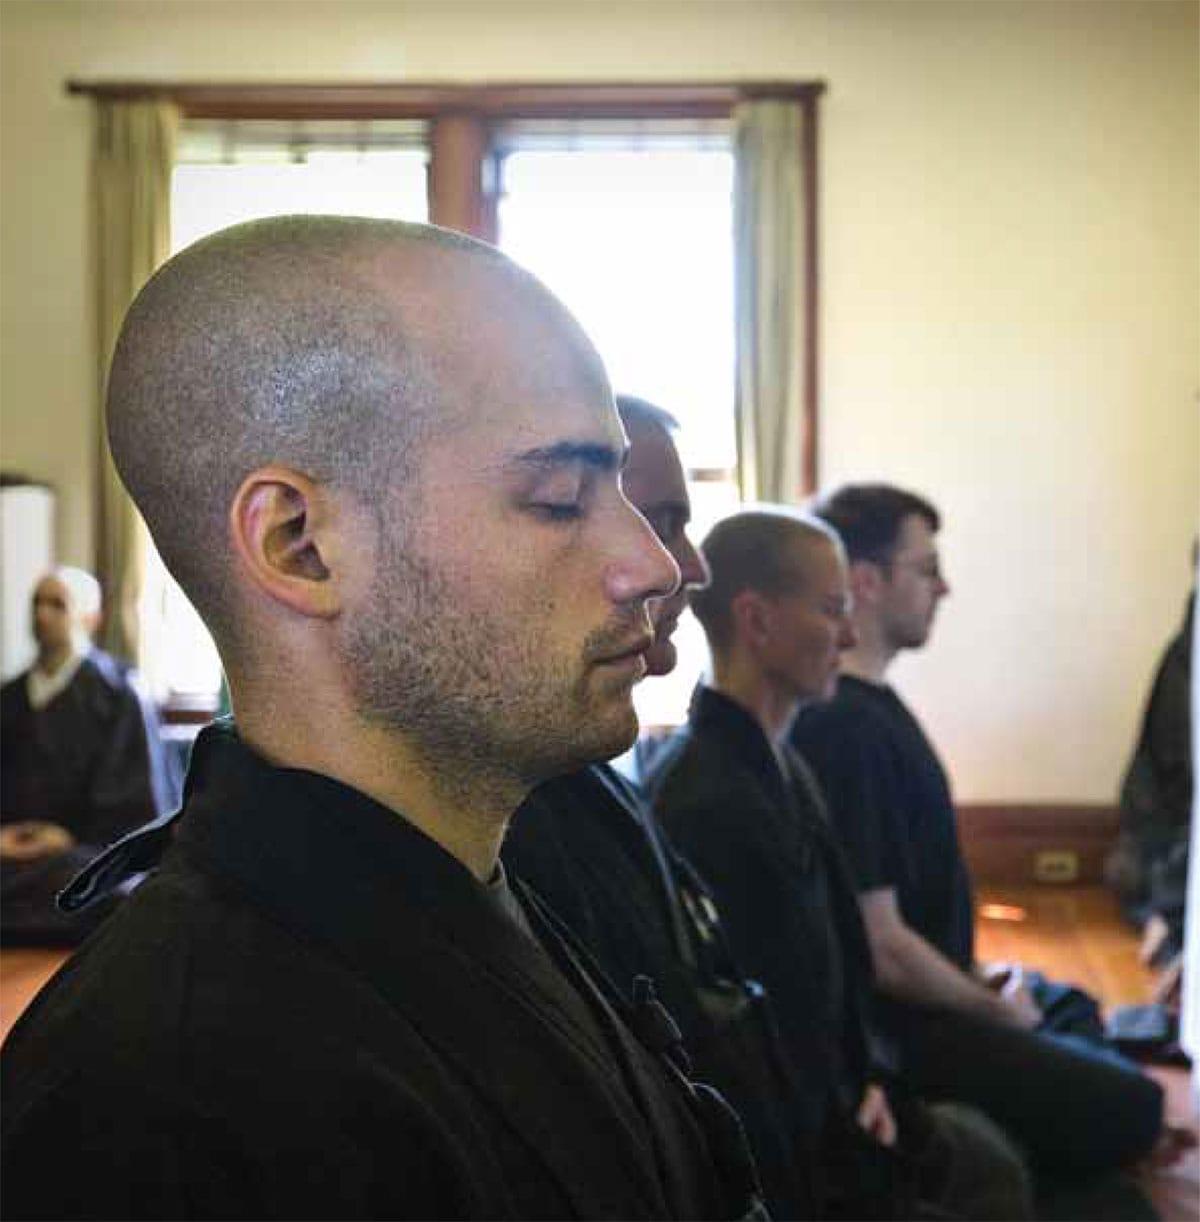 Meditation, Norman Fischer, Sharon Salzberg, Gaylon Ferguson, Geoffrey Shugen Arnold, Buddhadharma, Forum, Buddhism, Lion's Roar